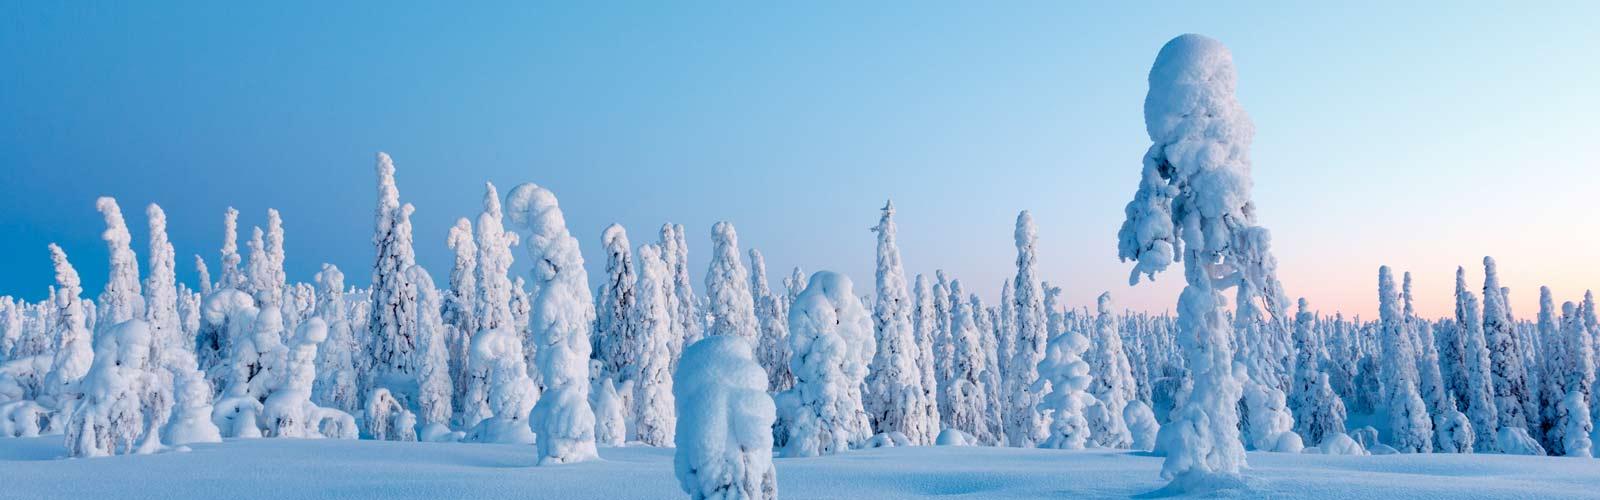 Viaje a Laponia. Puente de Diciembre